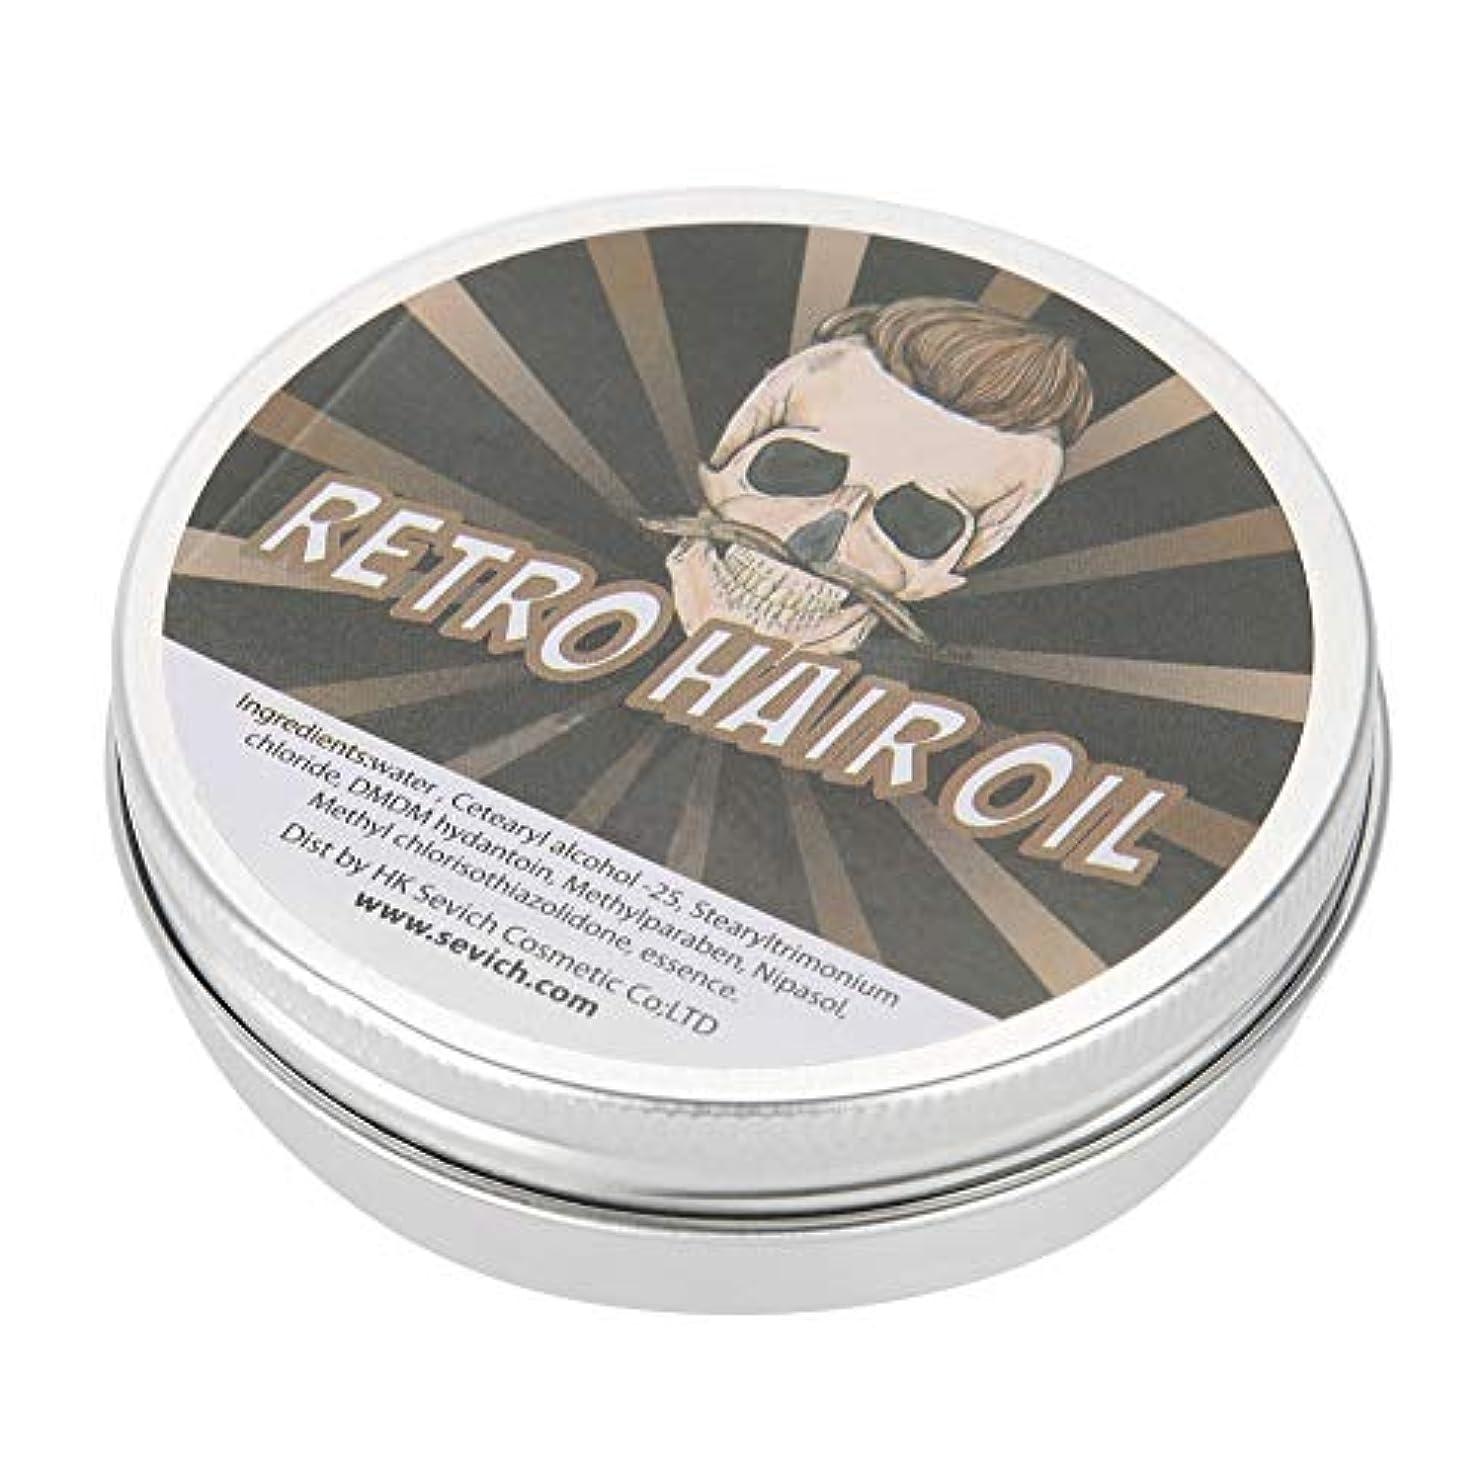 大佐アメリカ抹消ヘアワックス パーフェクトロング 永続的なヘアワックス 水ベースのヘアスタイリング ポマードヘアモデリングワックス